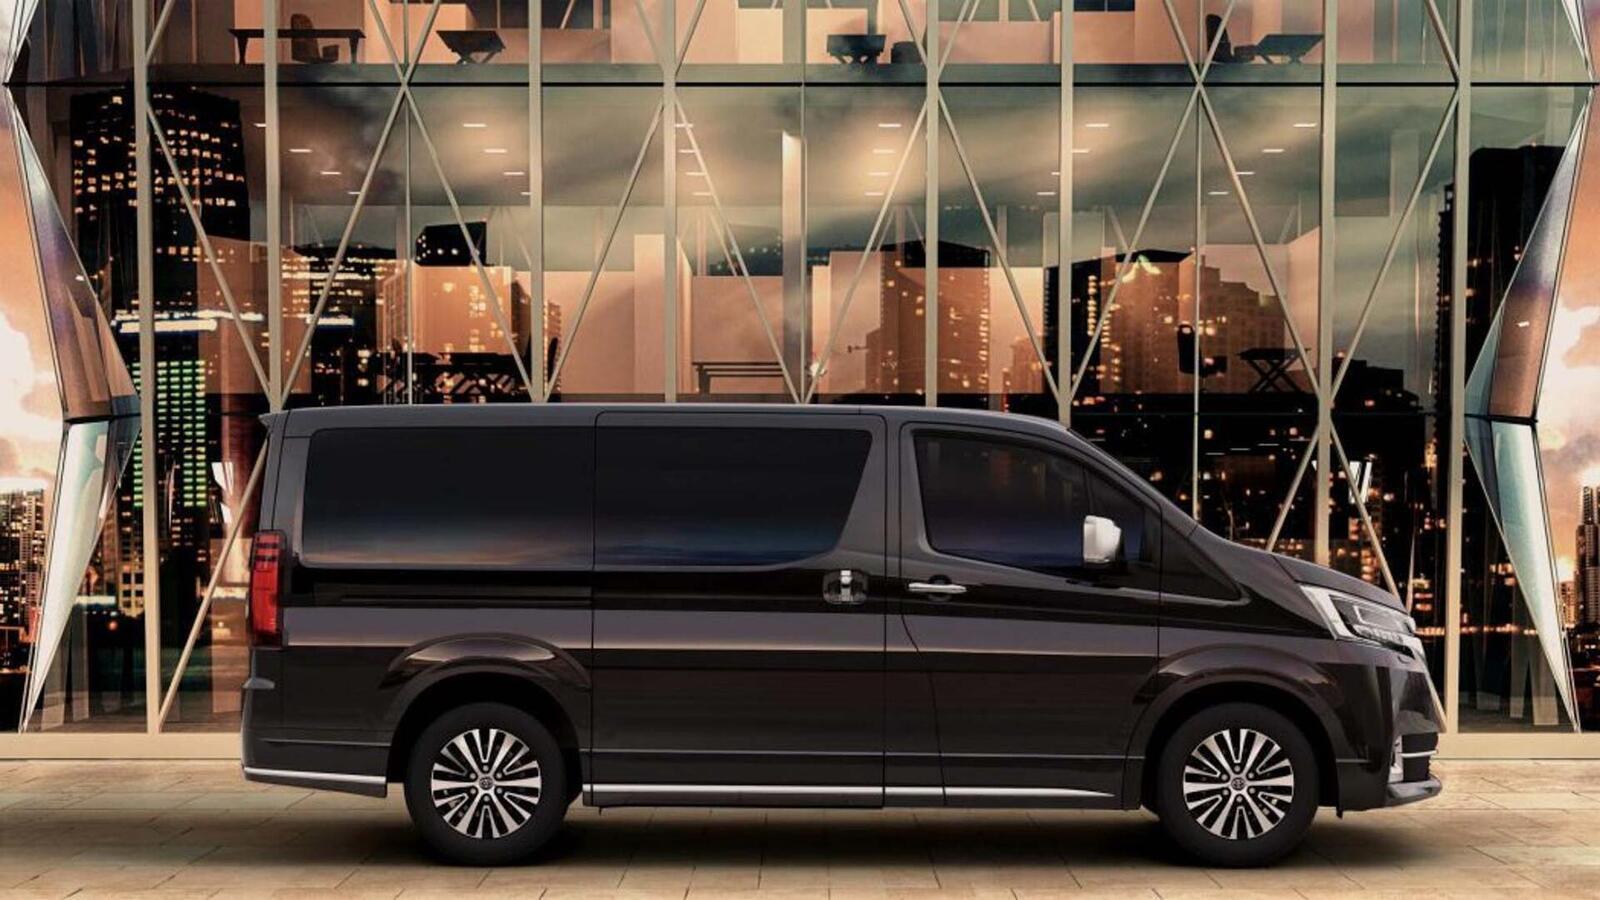 Xem trước MPV Toyota Granvia sắp được ra mắt: Định vị dưới Alphard một bậc - Hình 5